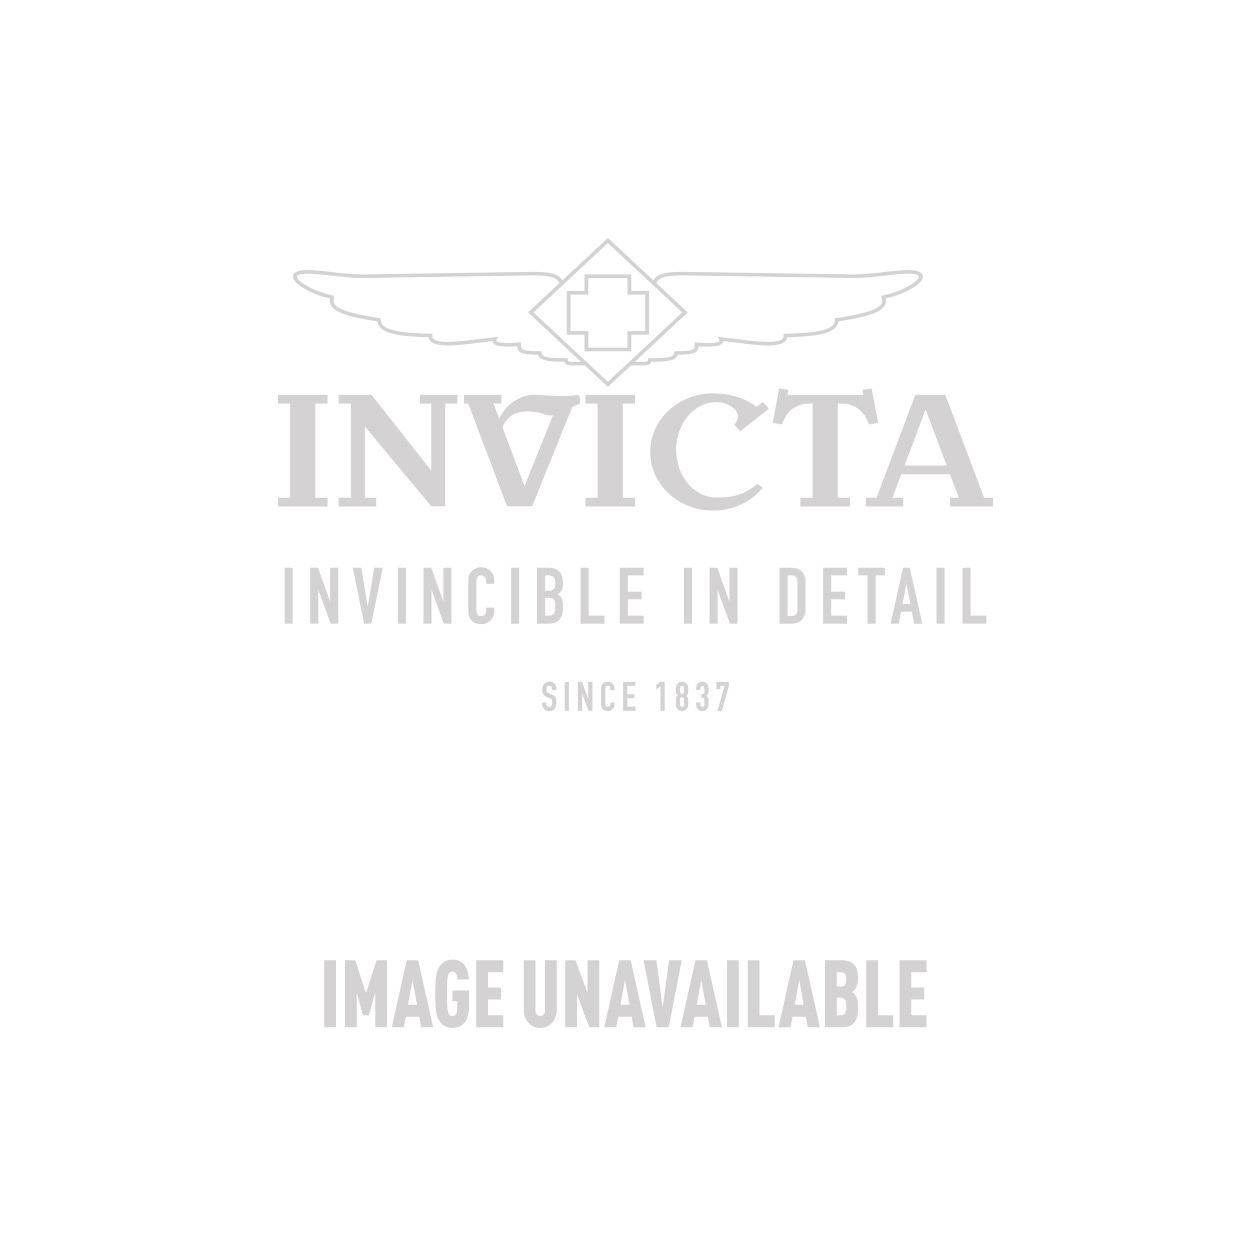 Invicta Model 25063